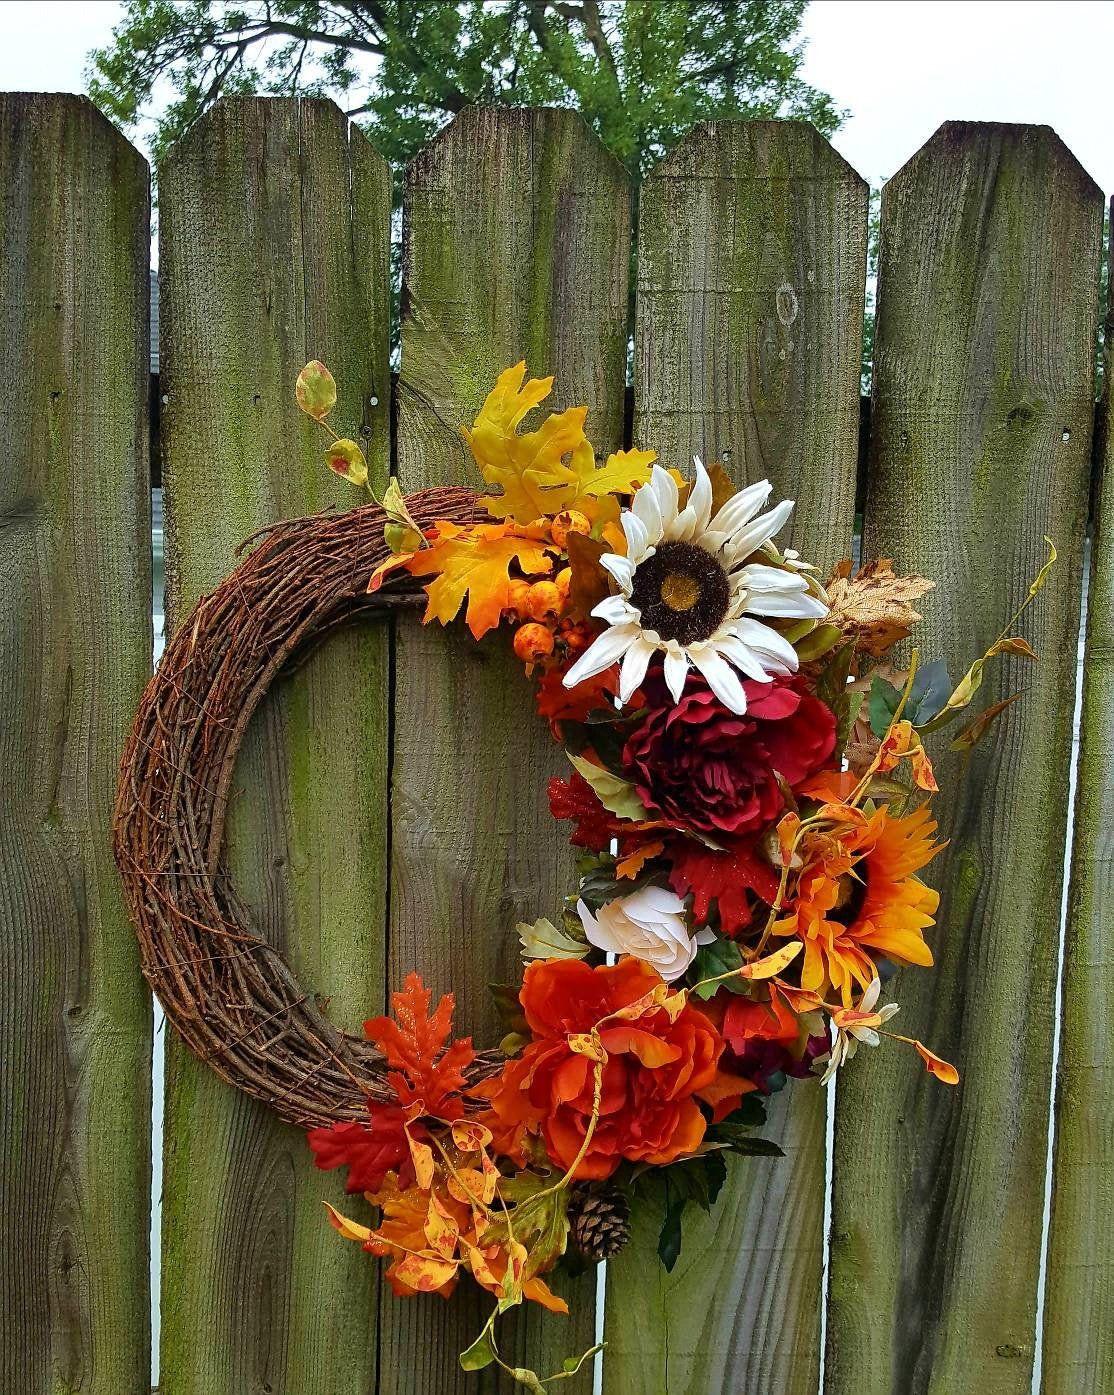 Photo of Floral Grapevine Wreath, Grapevine Wreath, Fall Flowers, Farmhouse, Everyday Wreath, Handmade, Office Decor, Flower Decor, Custom, Sunflower